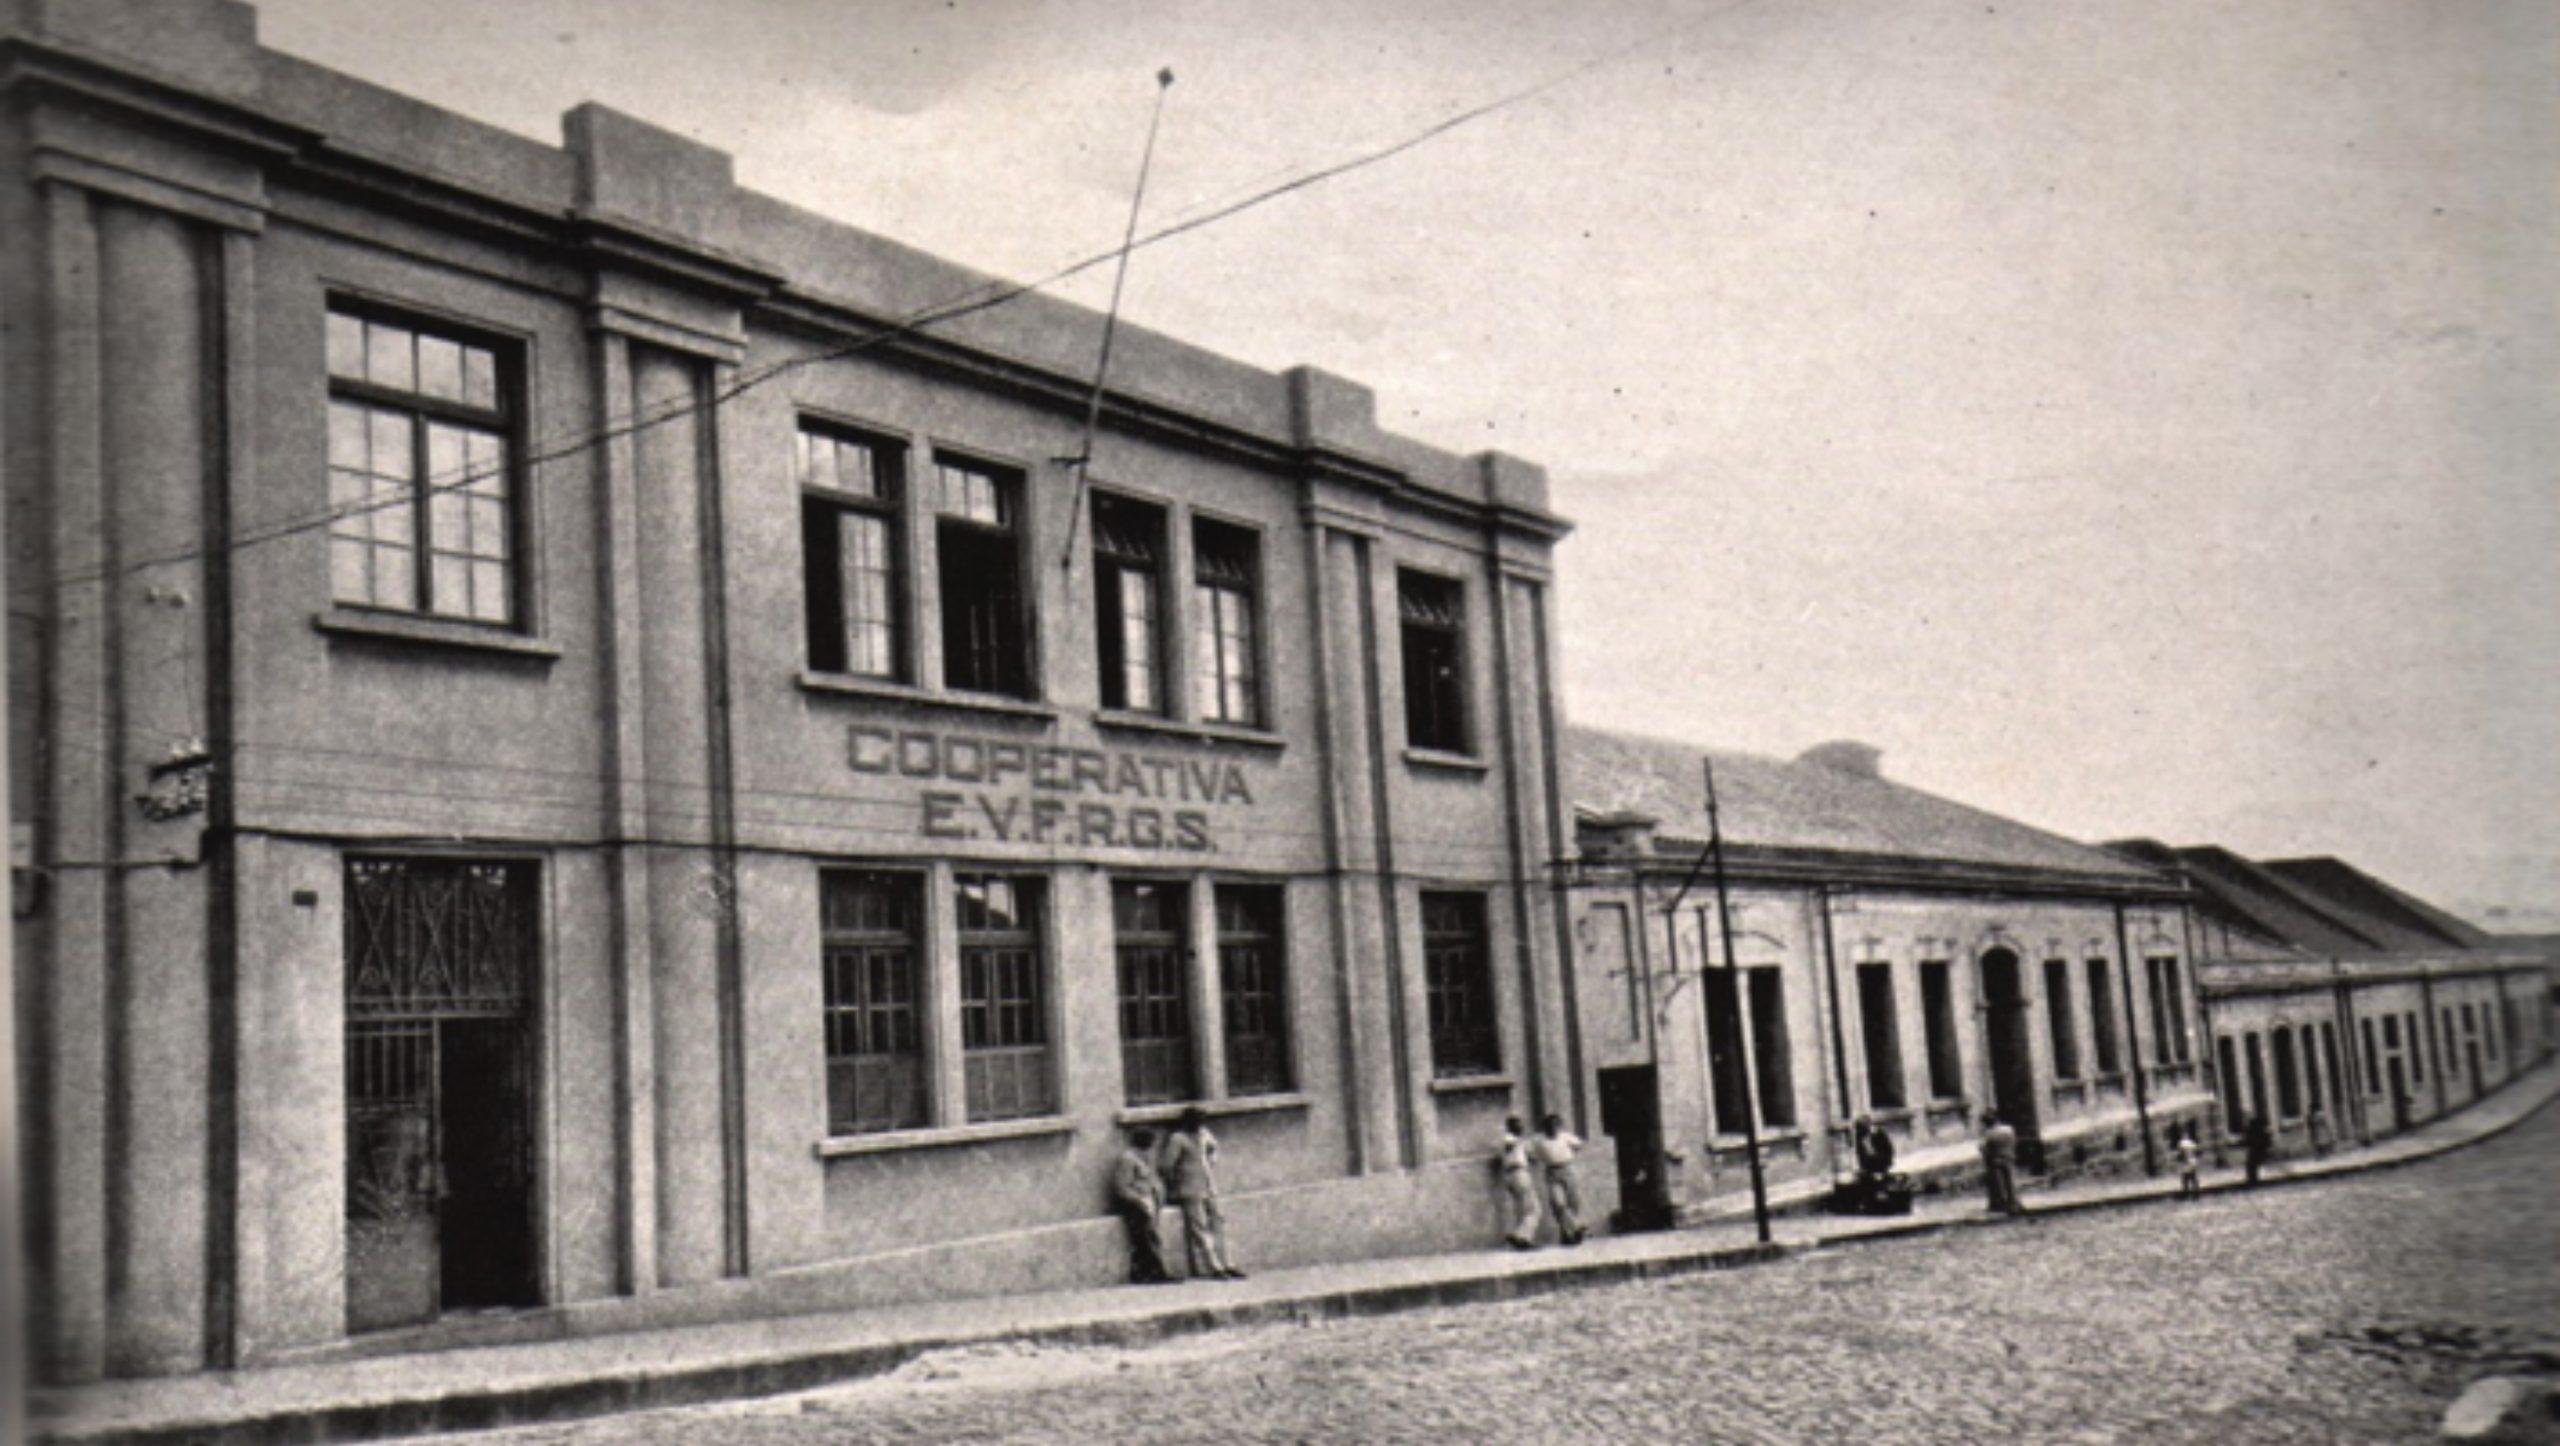 Lugares de Memória dos Trabalhadores #42: Cooperativa dos Ferroviários,  Santa Maria (RS) – Glaucia Vieira Ramos Konrad